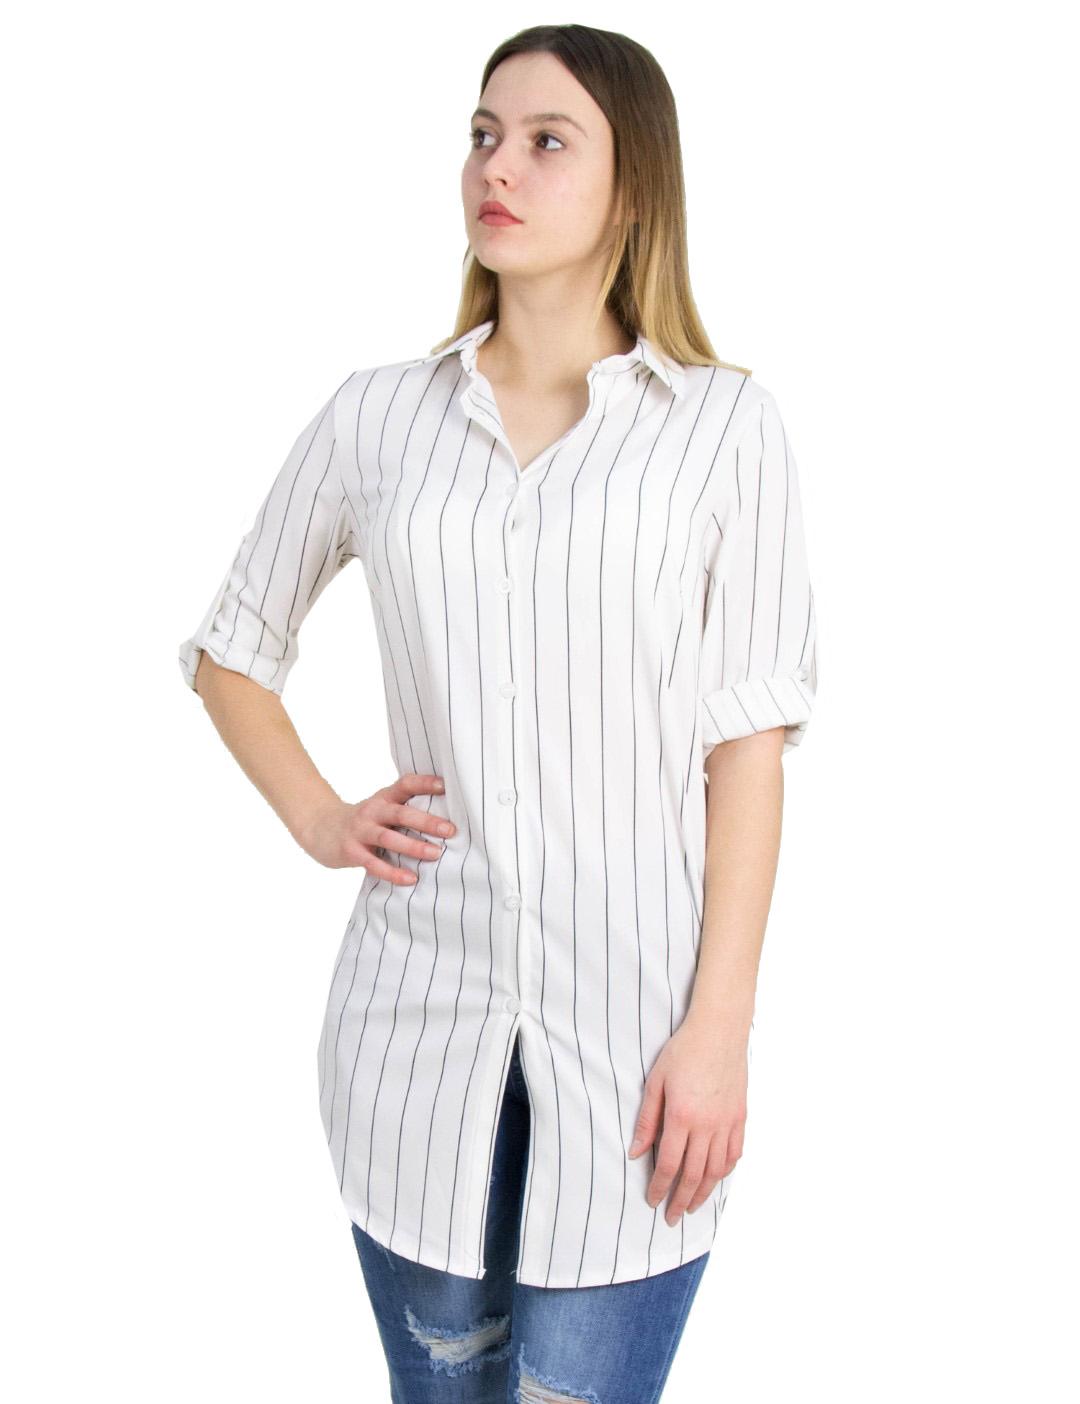 d818011fd559 Γυναικεία λευκή ριγέ πουκαμίσα So Sexy 21027F - Glami.gr